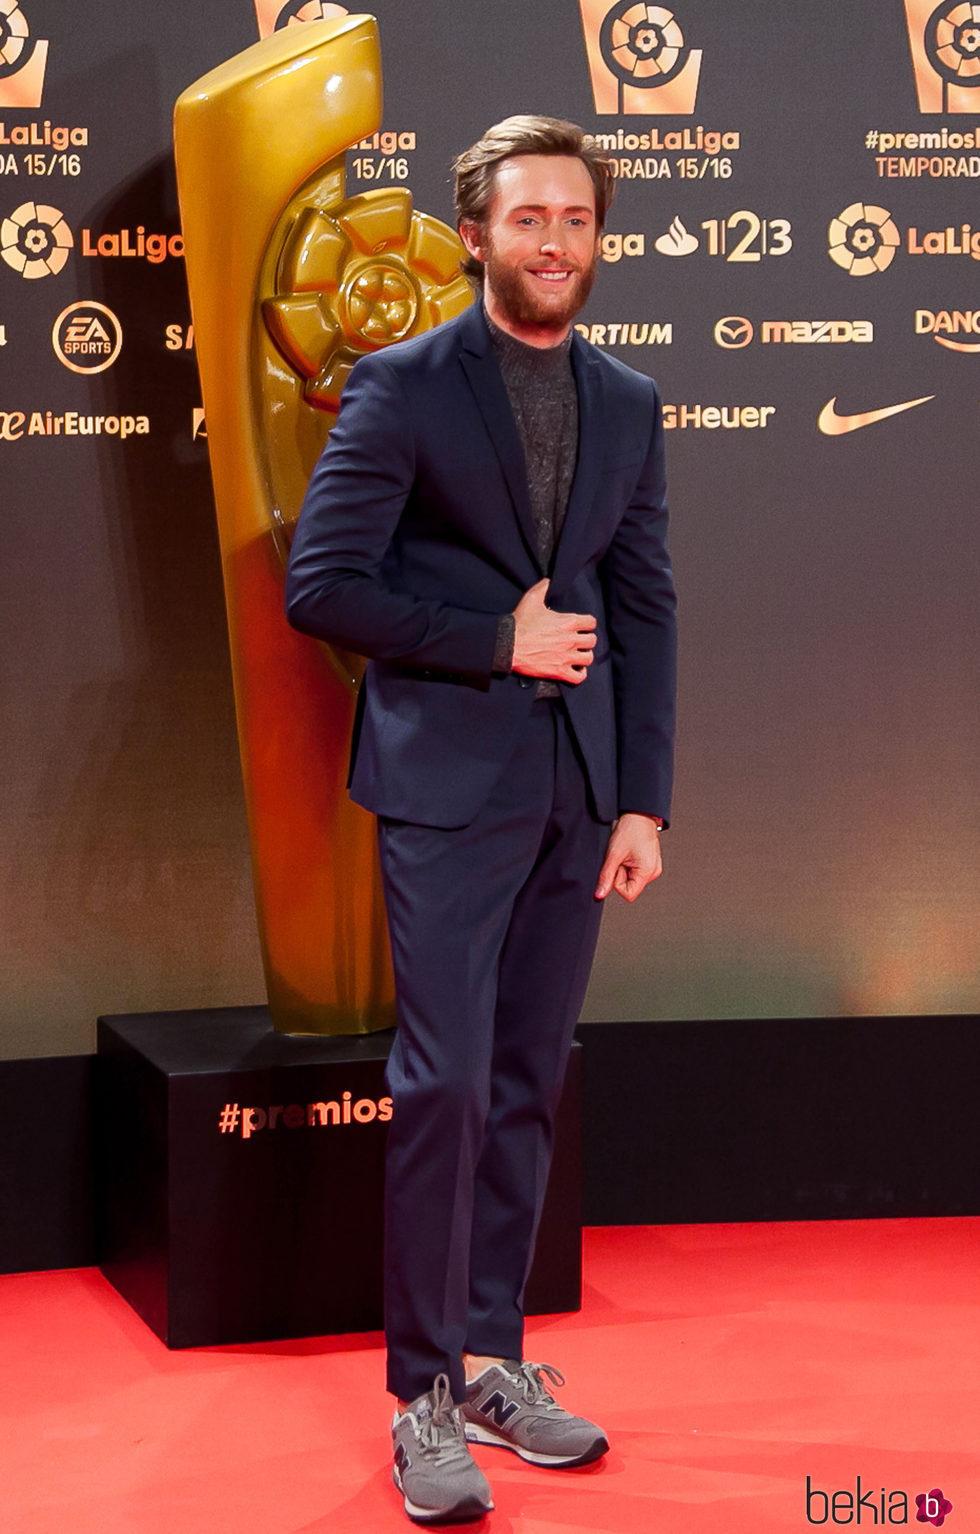 Pablo Rivero en los Premios La Liga 2016 en Valencia